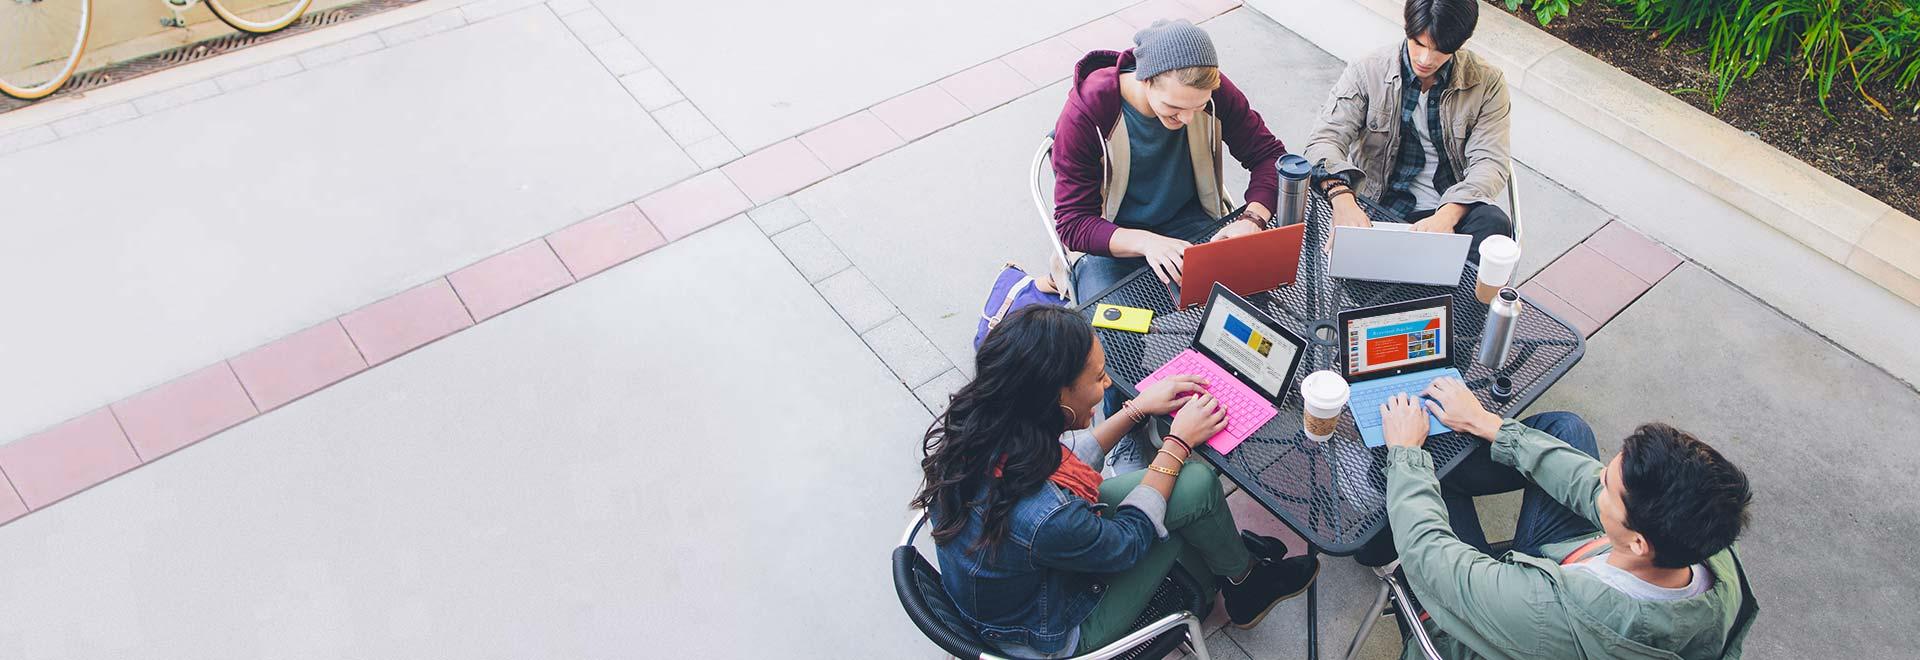 4 人の学生が屋外でテーブルを囲み、タブレットで Office 365 for Education を使用しています。